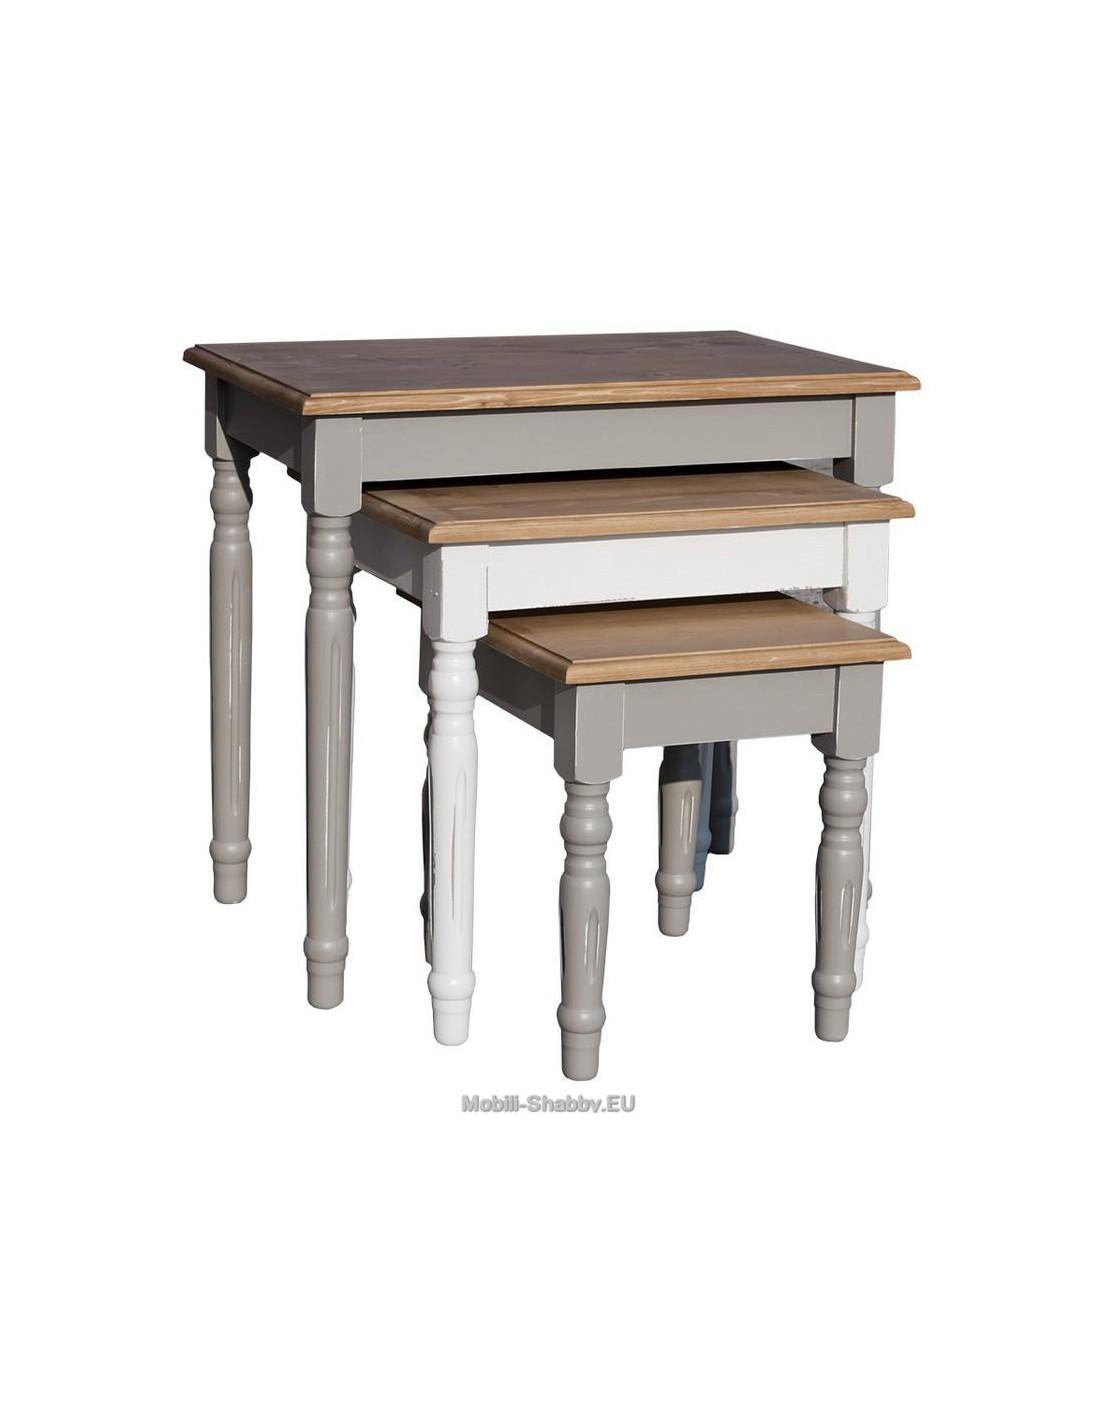 Divano Modulare Colorato : Set tavoli da divano in legno massello ms orissa milano